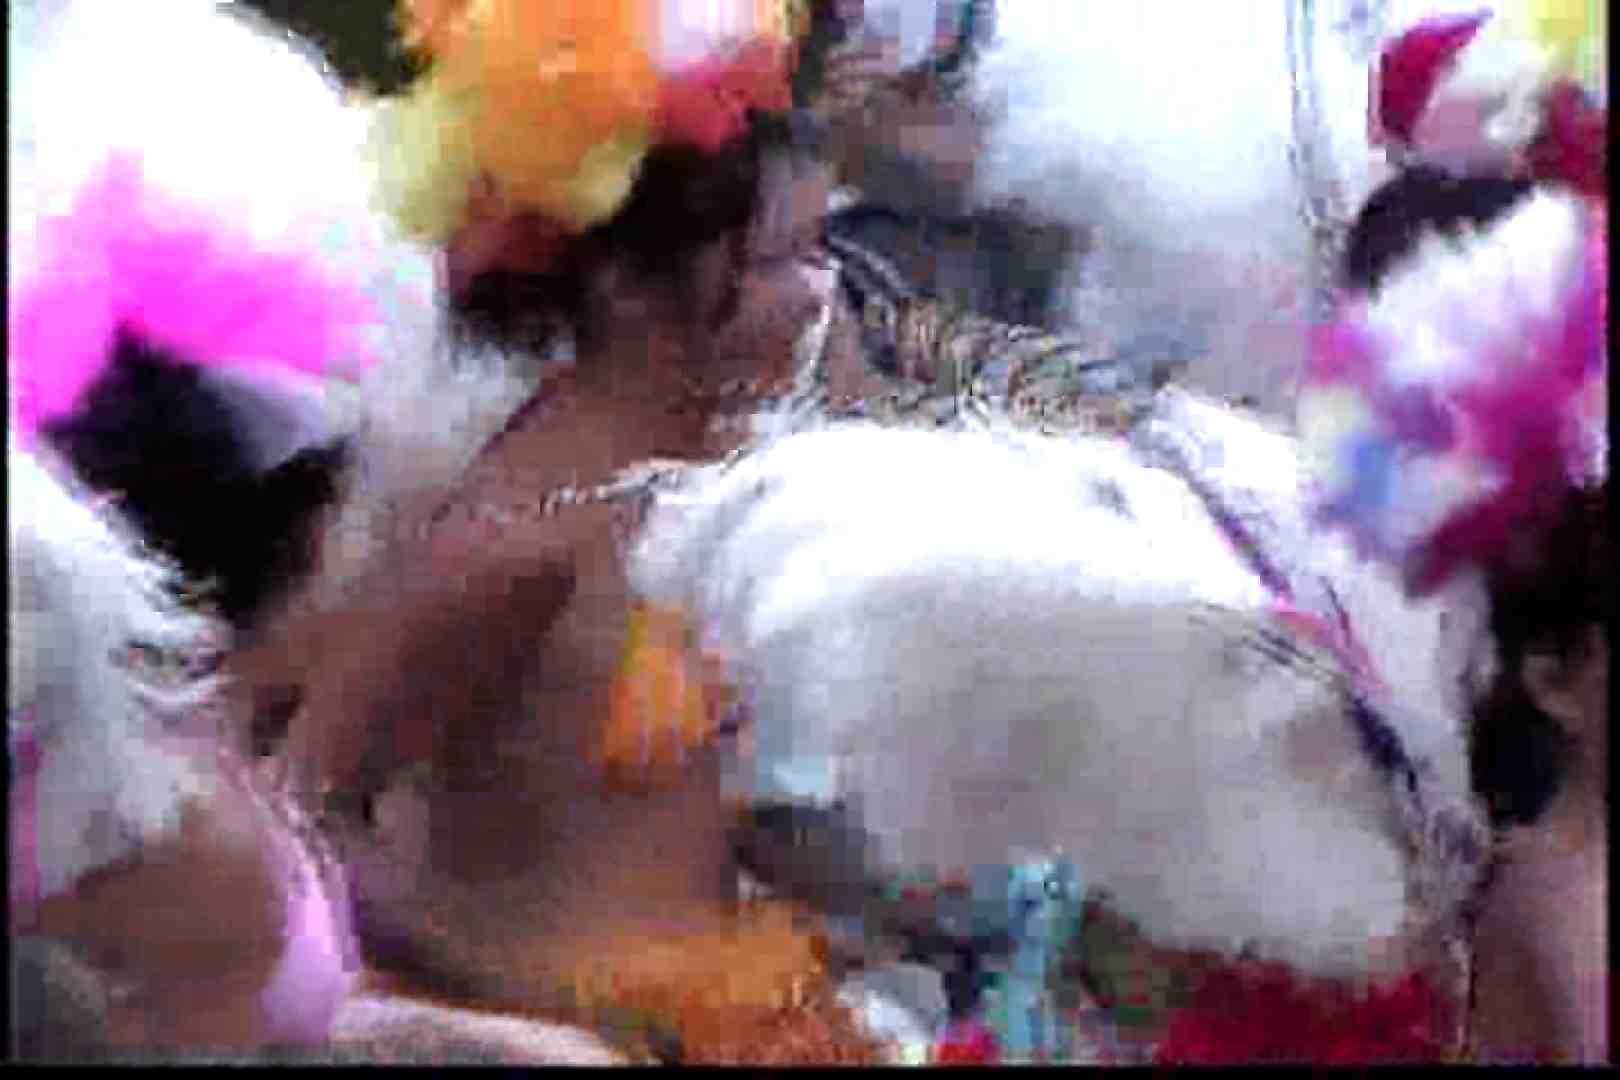 狂乱のサンバカーニバルVol.3 OLセックス 盗撮AV動画キャプチャ 108画像 66